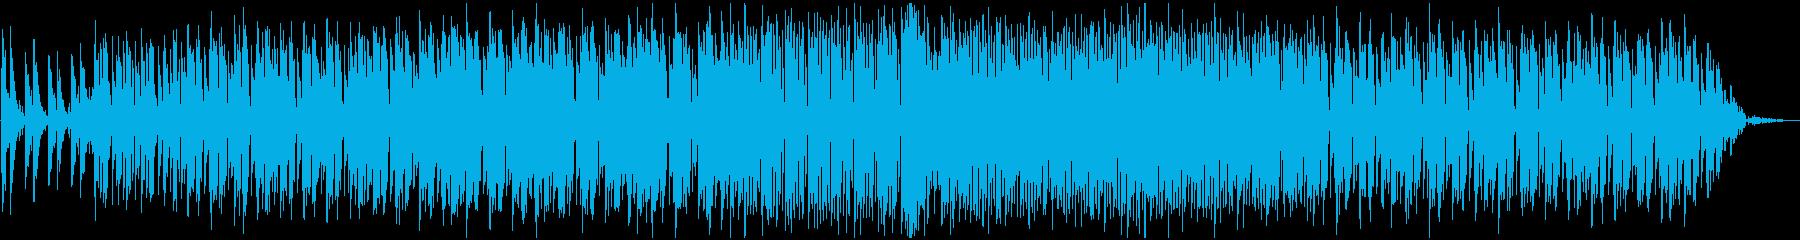 80年代のレトロ感を演出する音楽の再生済みの波形